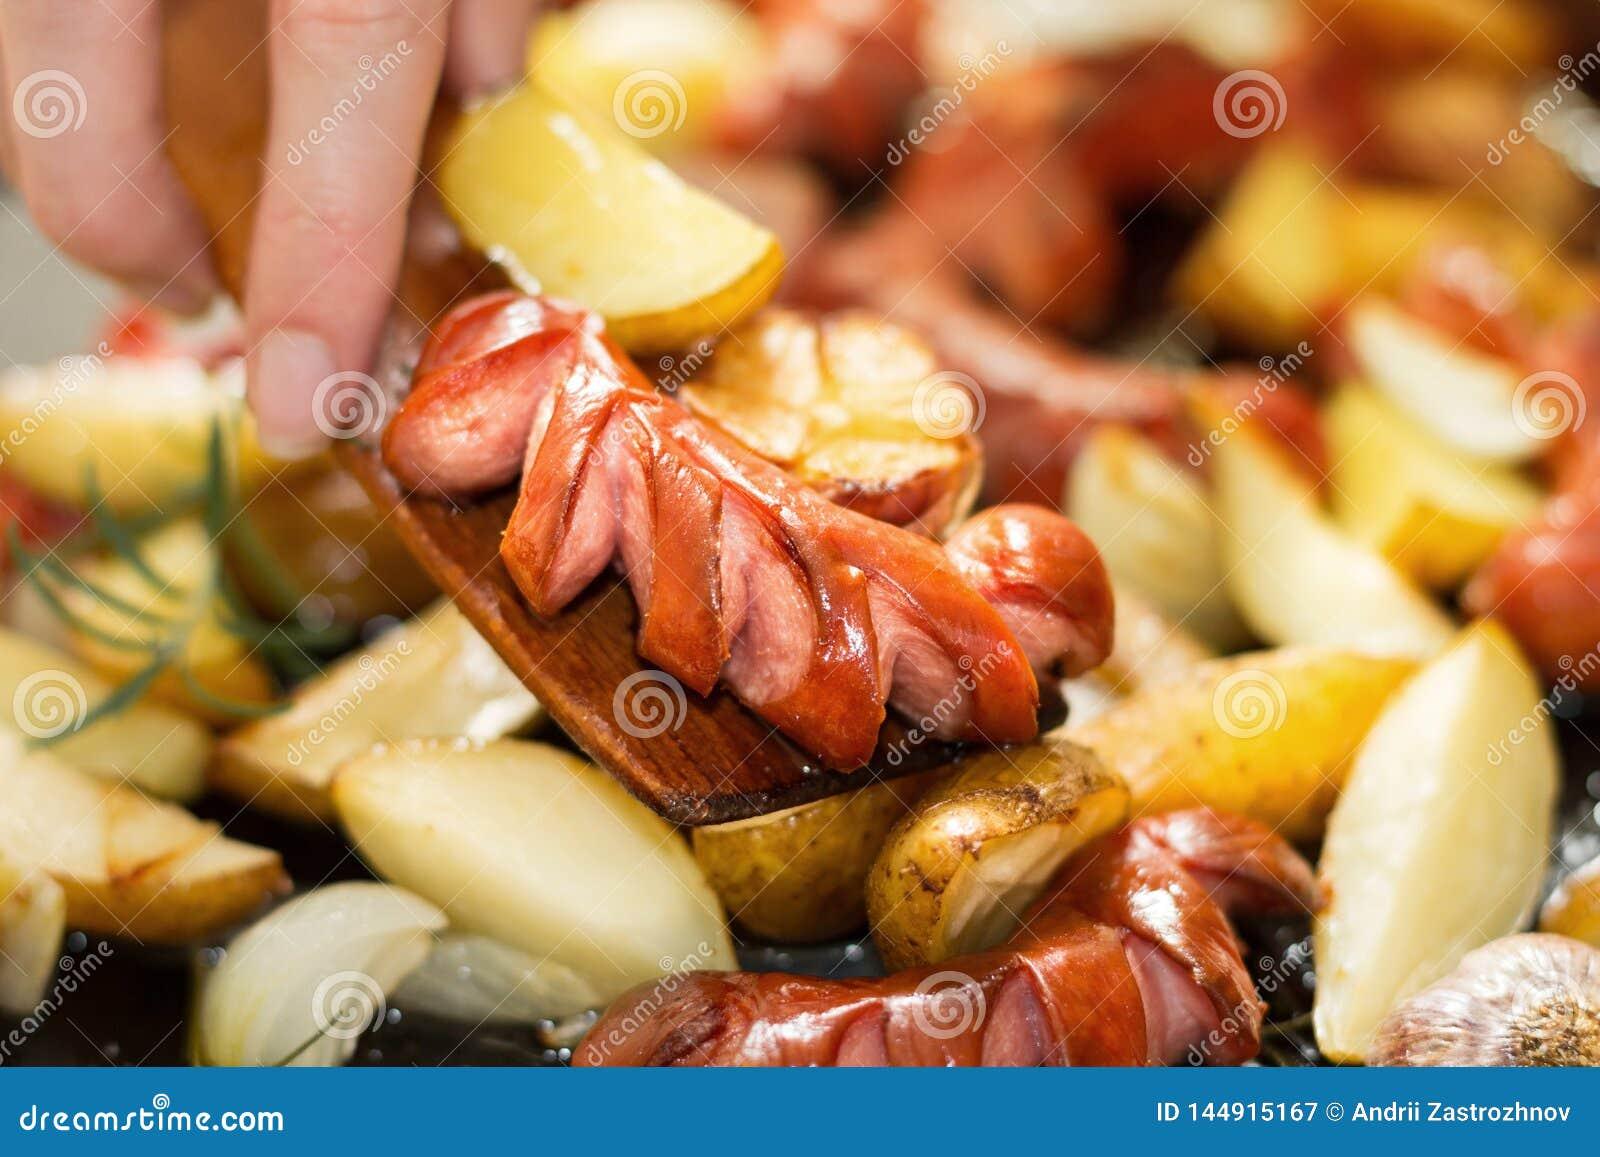 De hand, een houten spatel giet een hoog-calorie en een vettig diner Horizontaal beeld